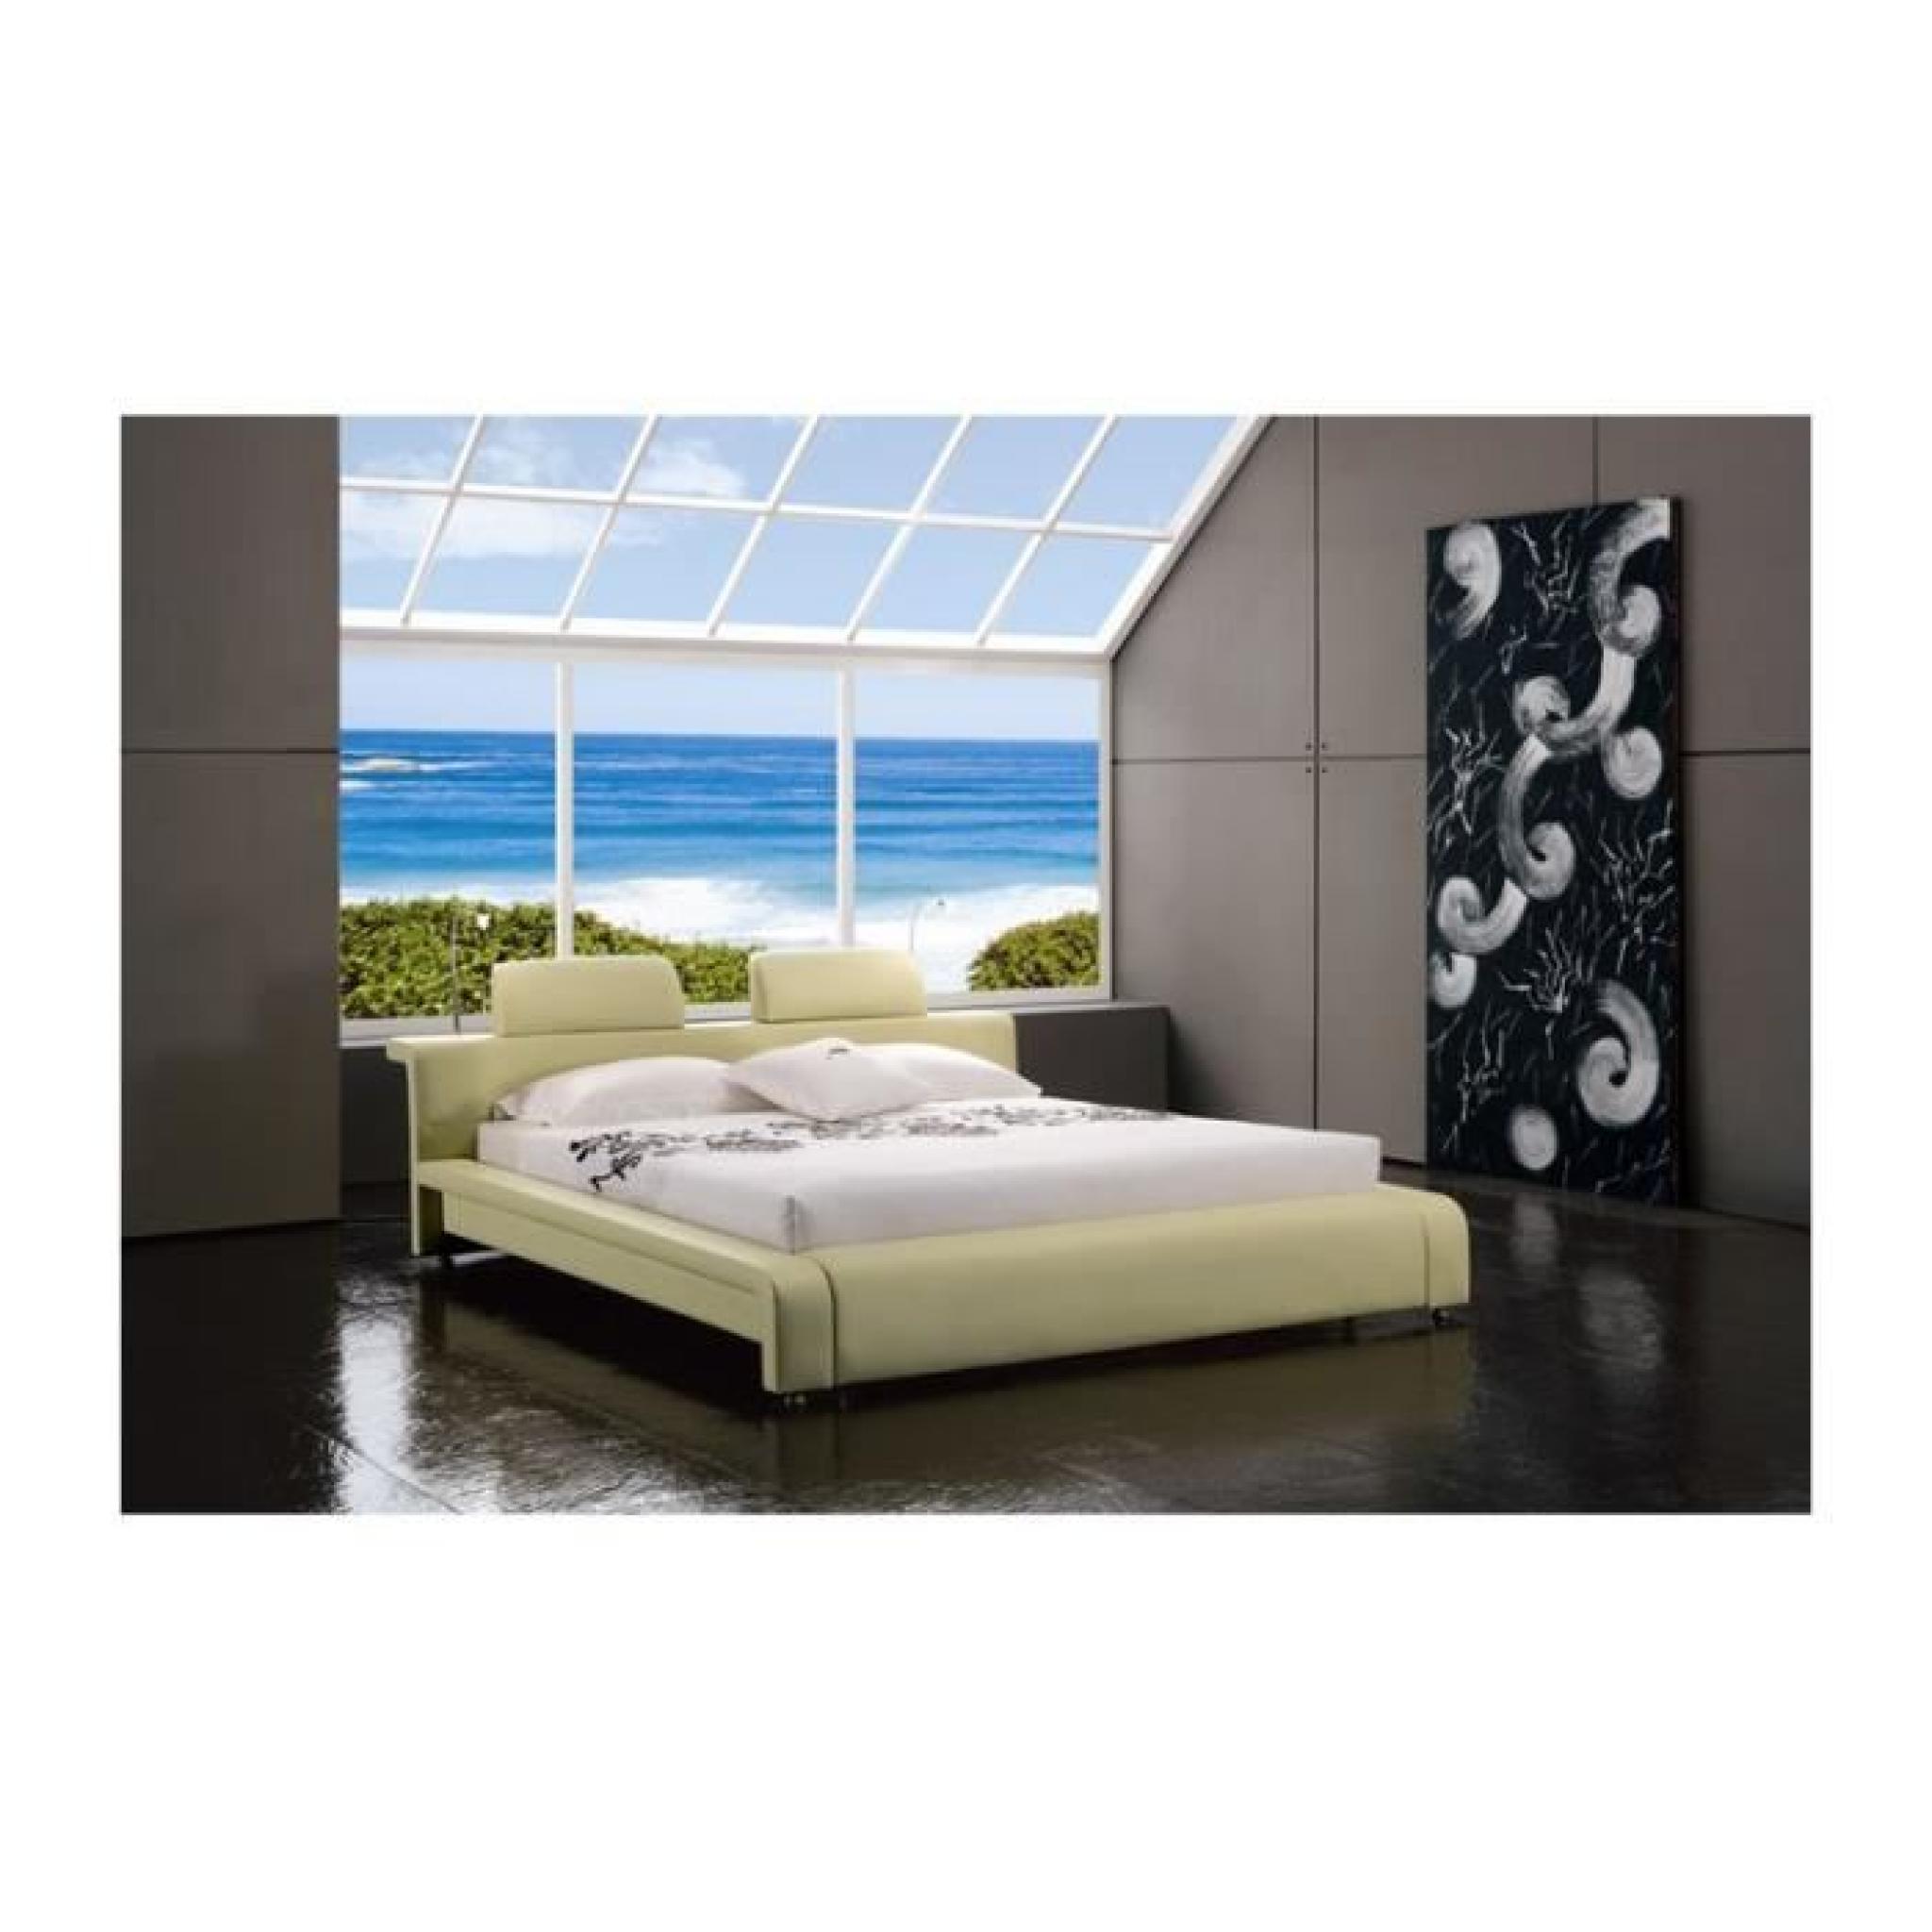 justhome classico beige lit rembourr en cuir cologique taille 200 x 200 cm achat vente lit. Black Bedroom Furniture Sets. Home Design Ideas